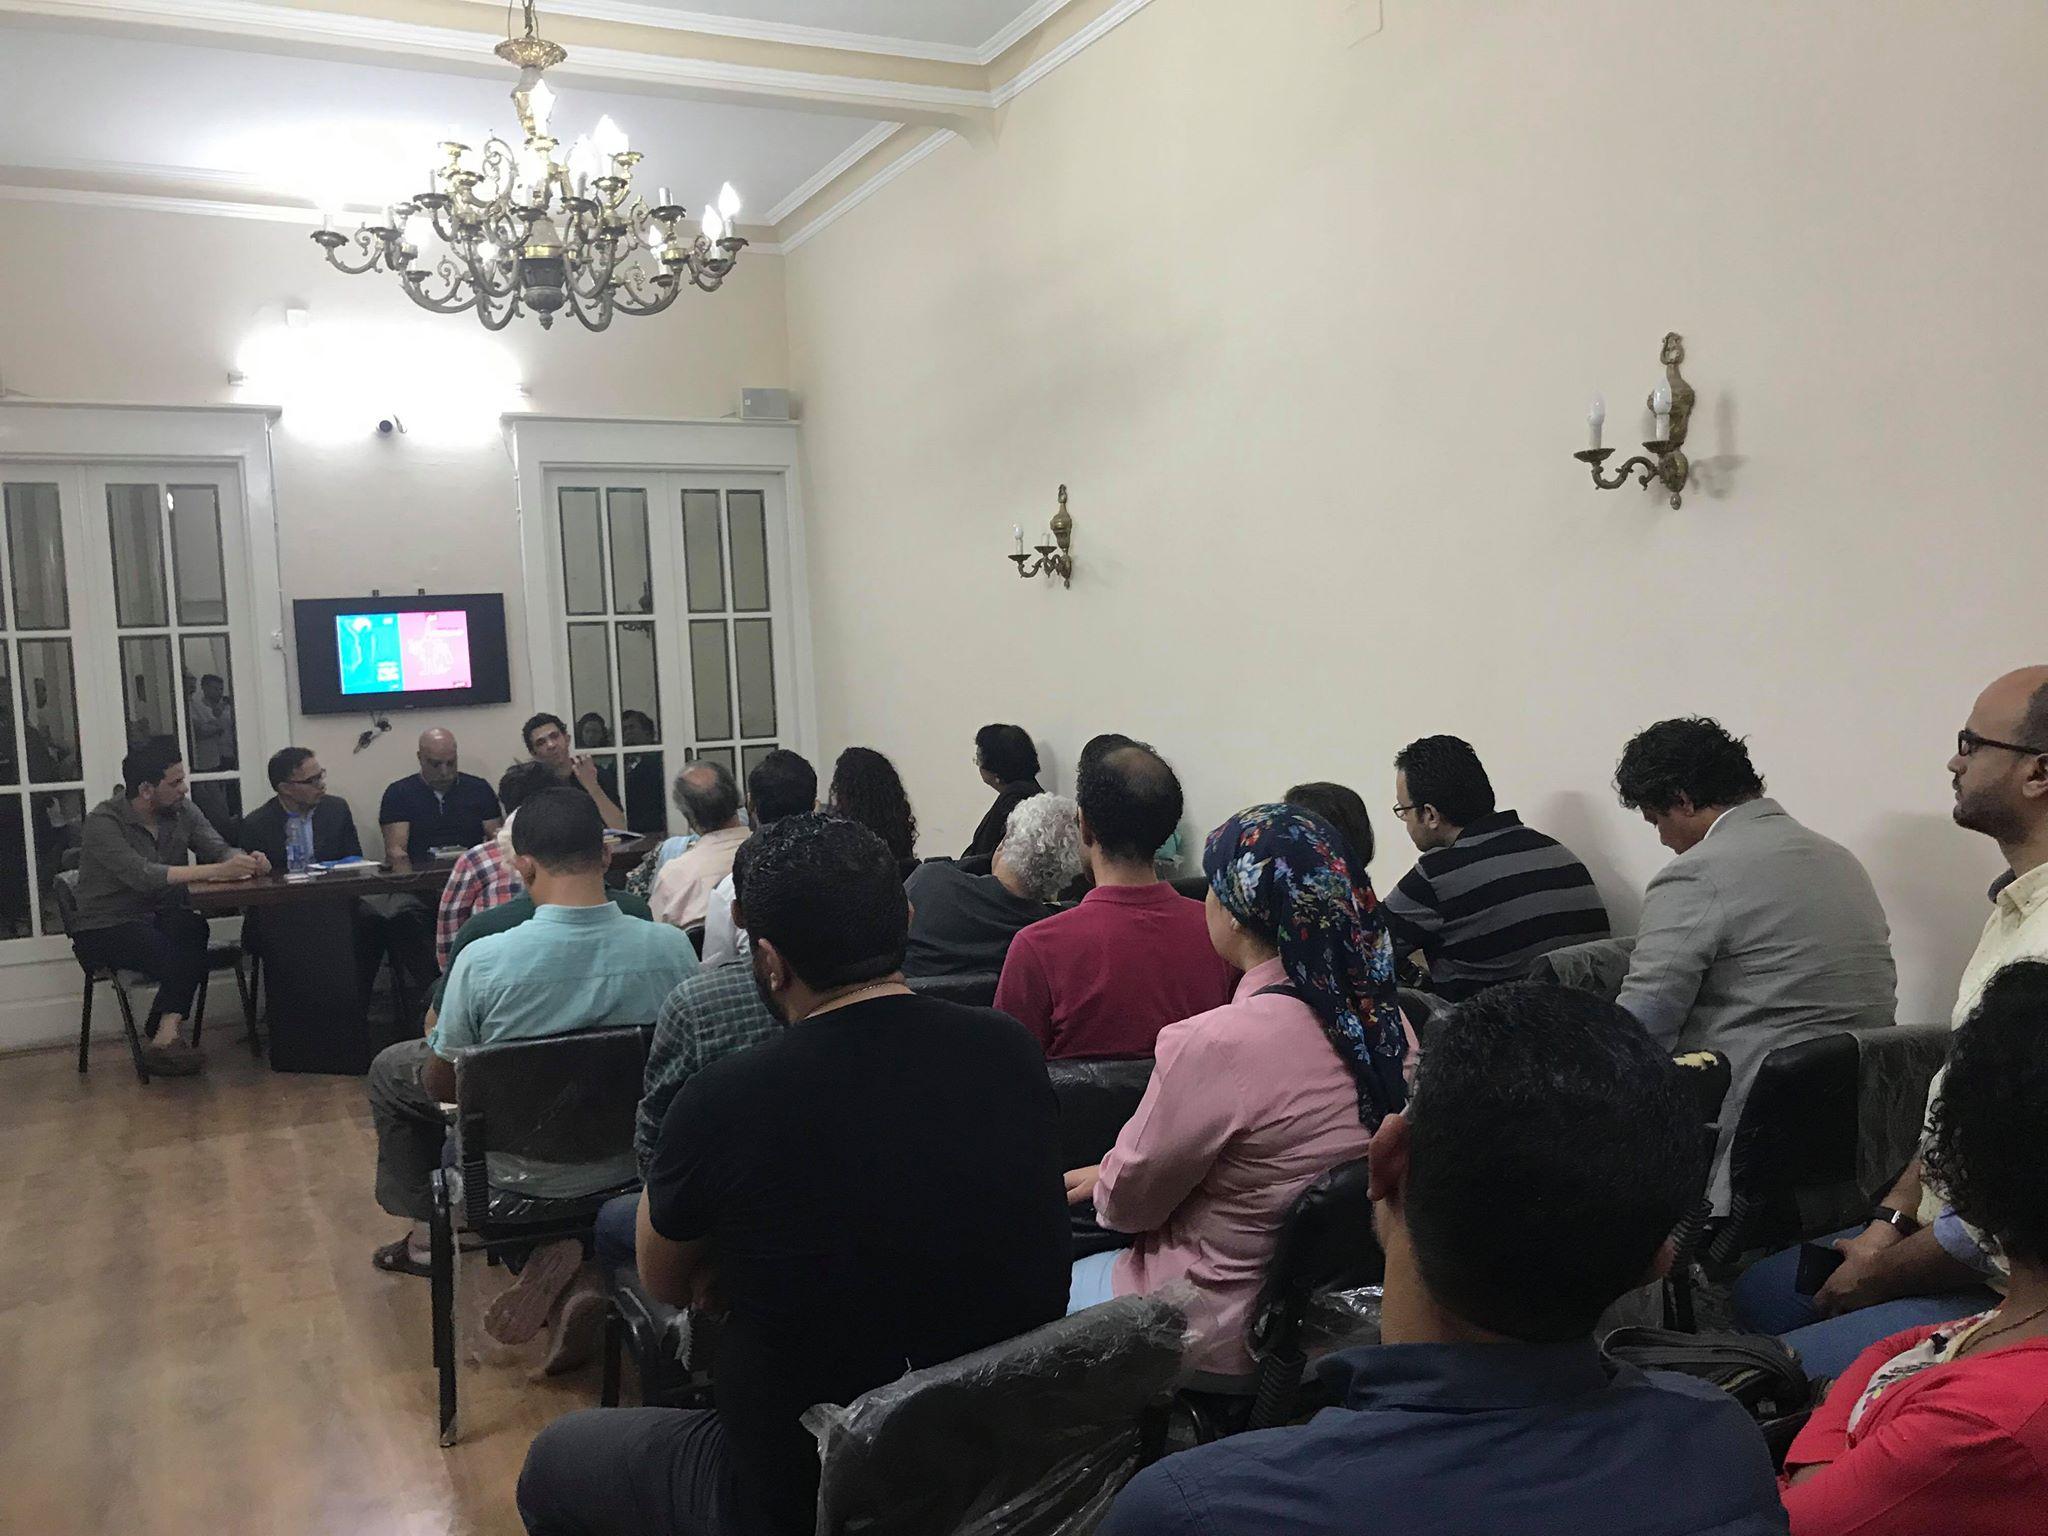 مناقشة حروب فاتنة للكاتب حسن عبد الموجود فى مؤسسة بتانة (1)